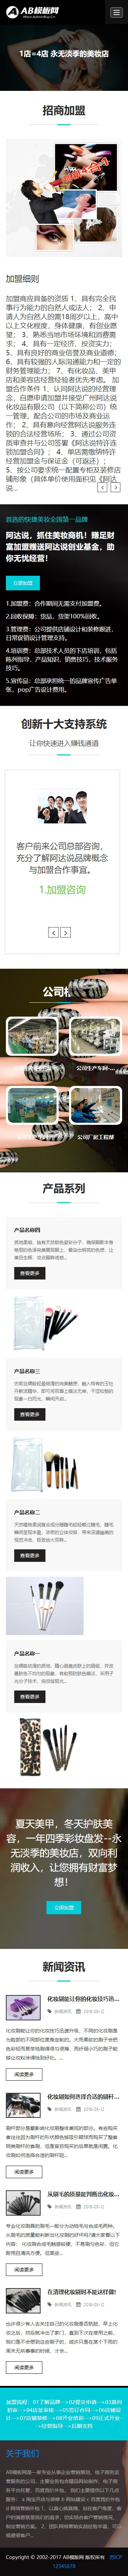 黑色美妆护肤网站源码 织梦dedecms模板 [自适应手机版]